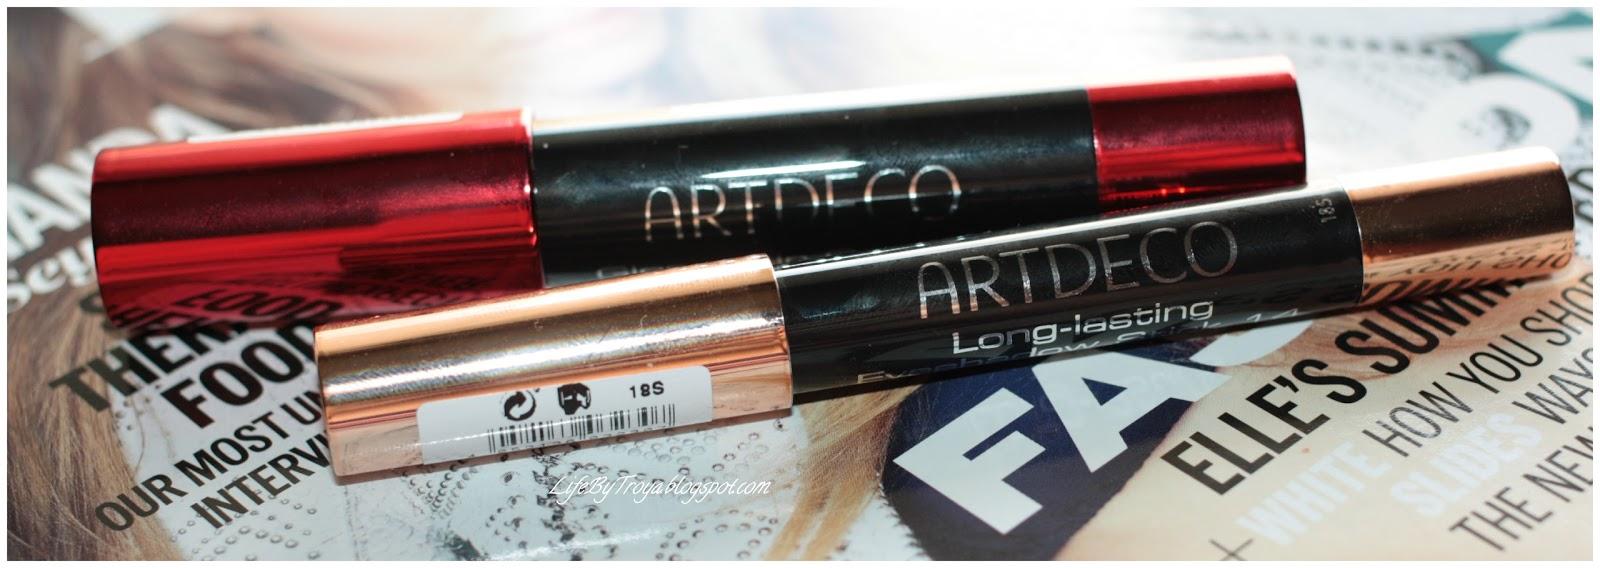 photo Artdeco Miami Summer 2014 Makeup Collection